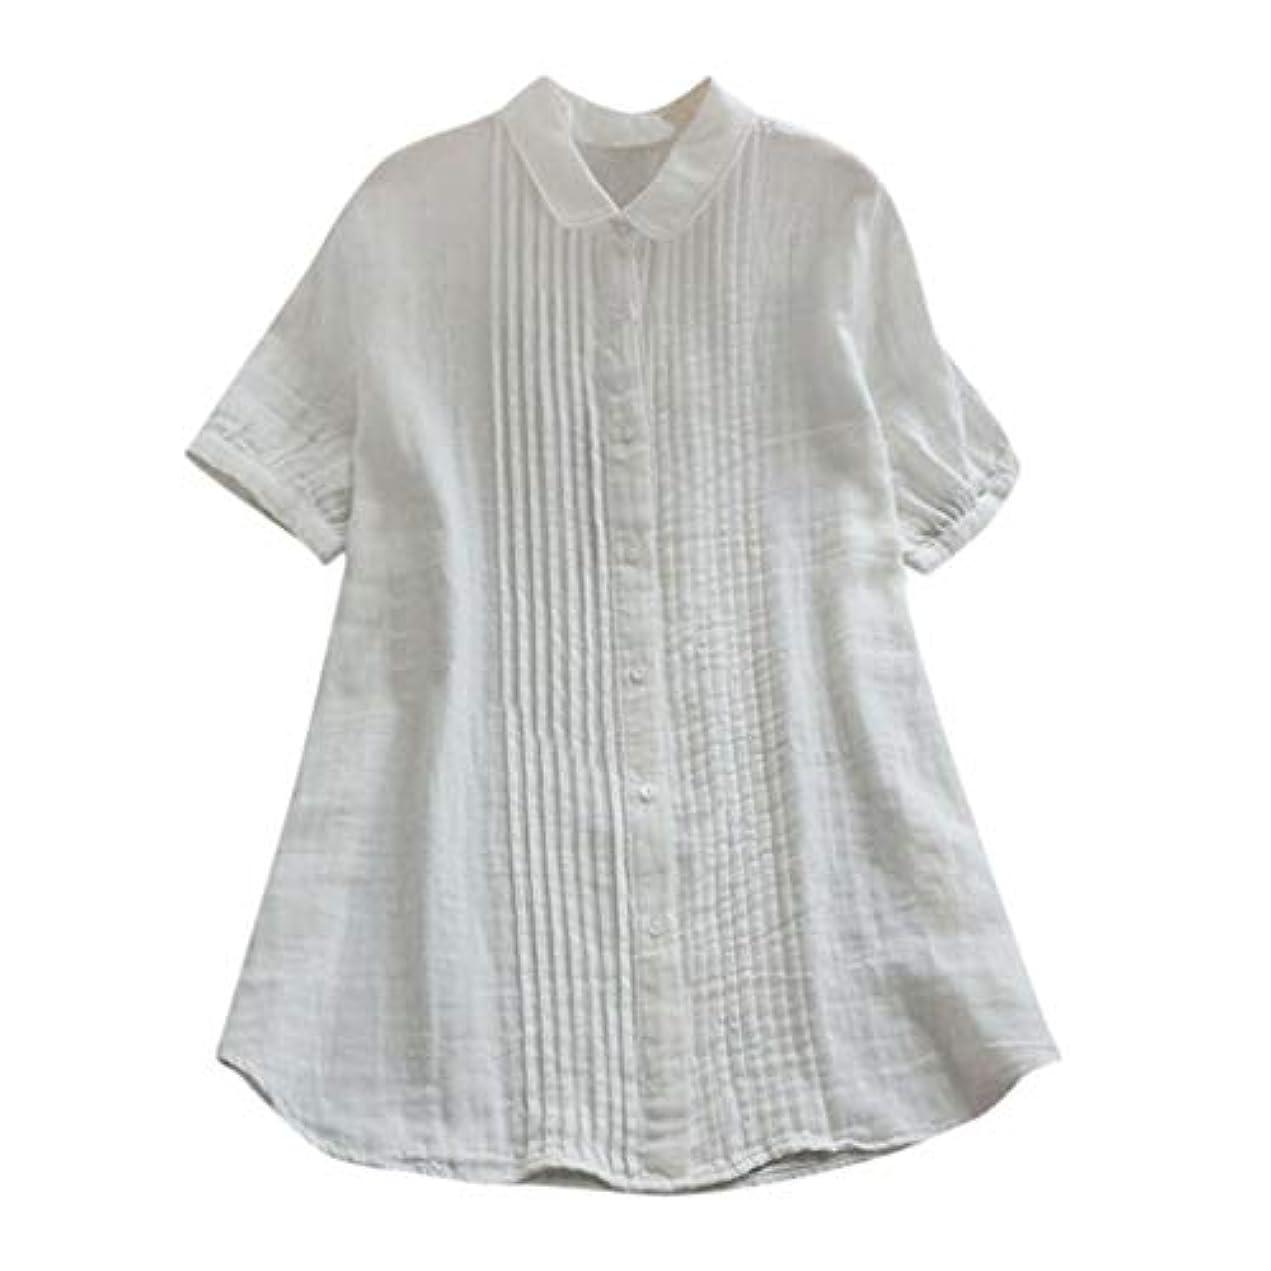 彼は明るくするマオリ女性の半袖Tシャツ - ピーターパンカラー夏緩い無地カジュアルダウントップスブラウス (白, S)